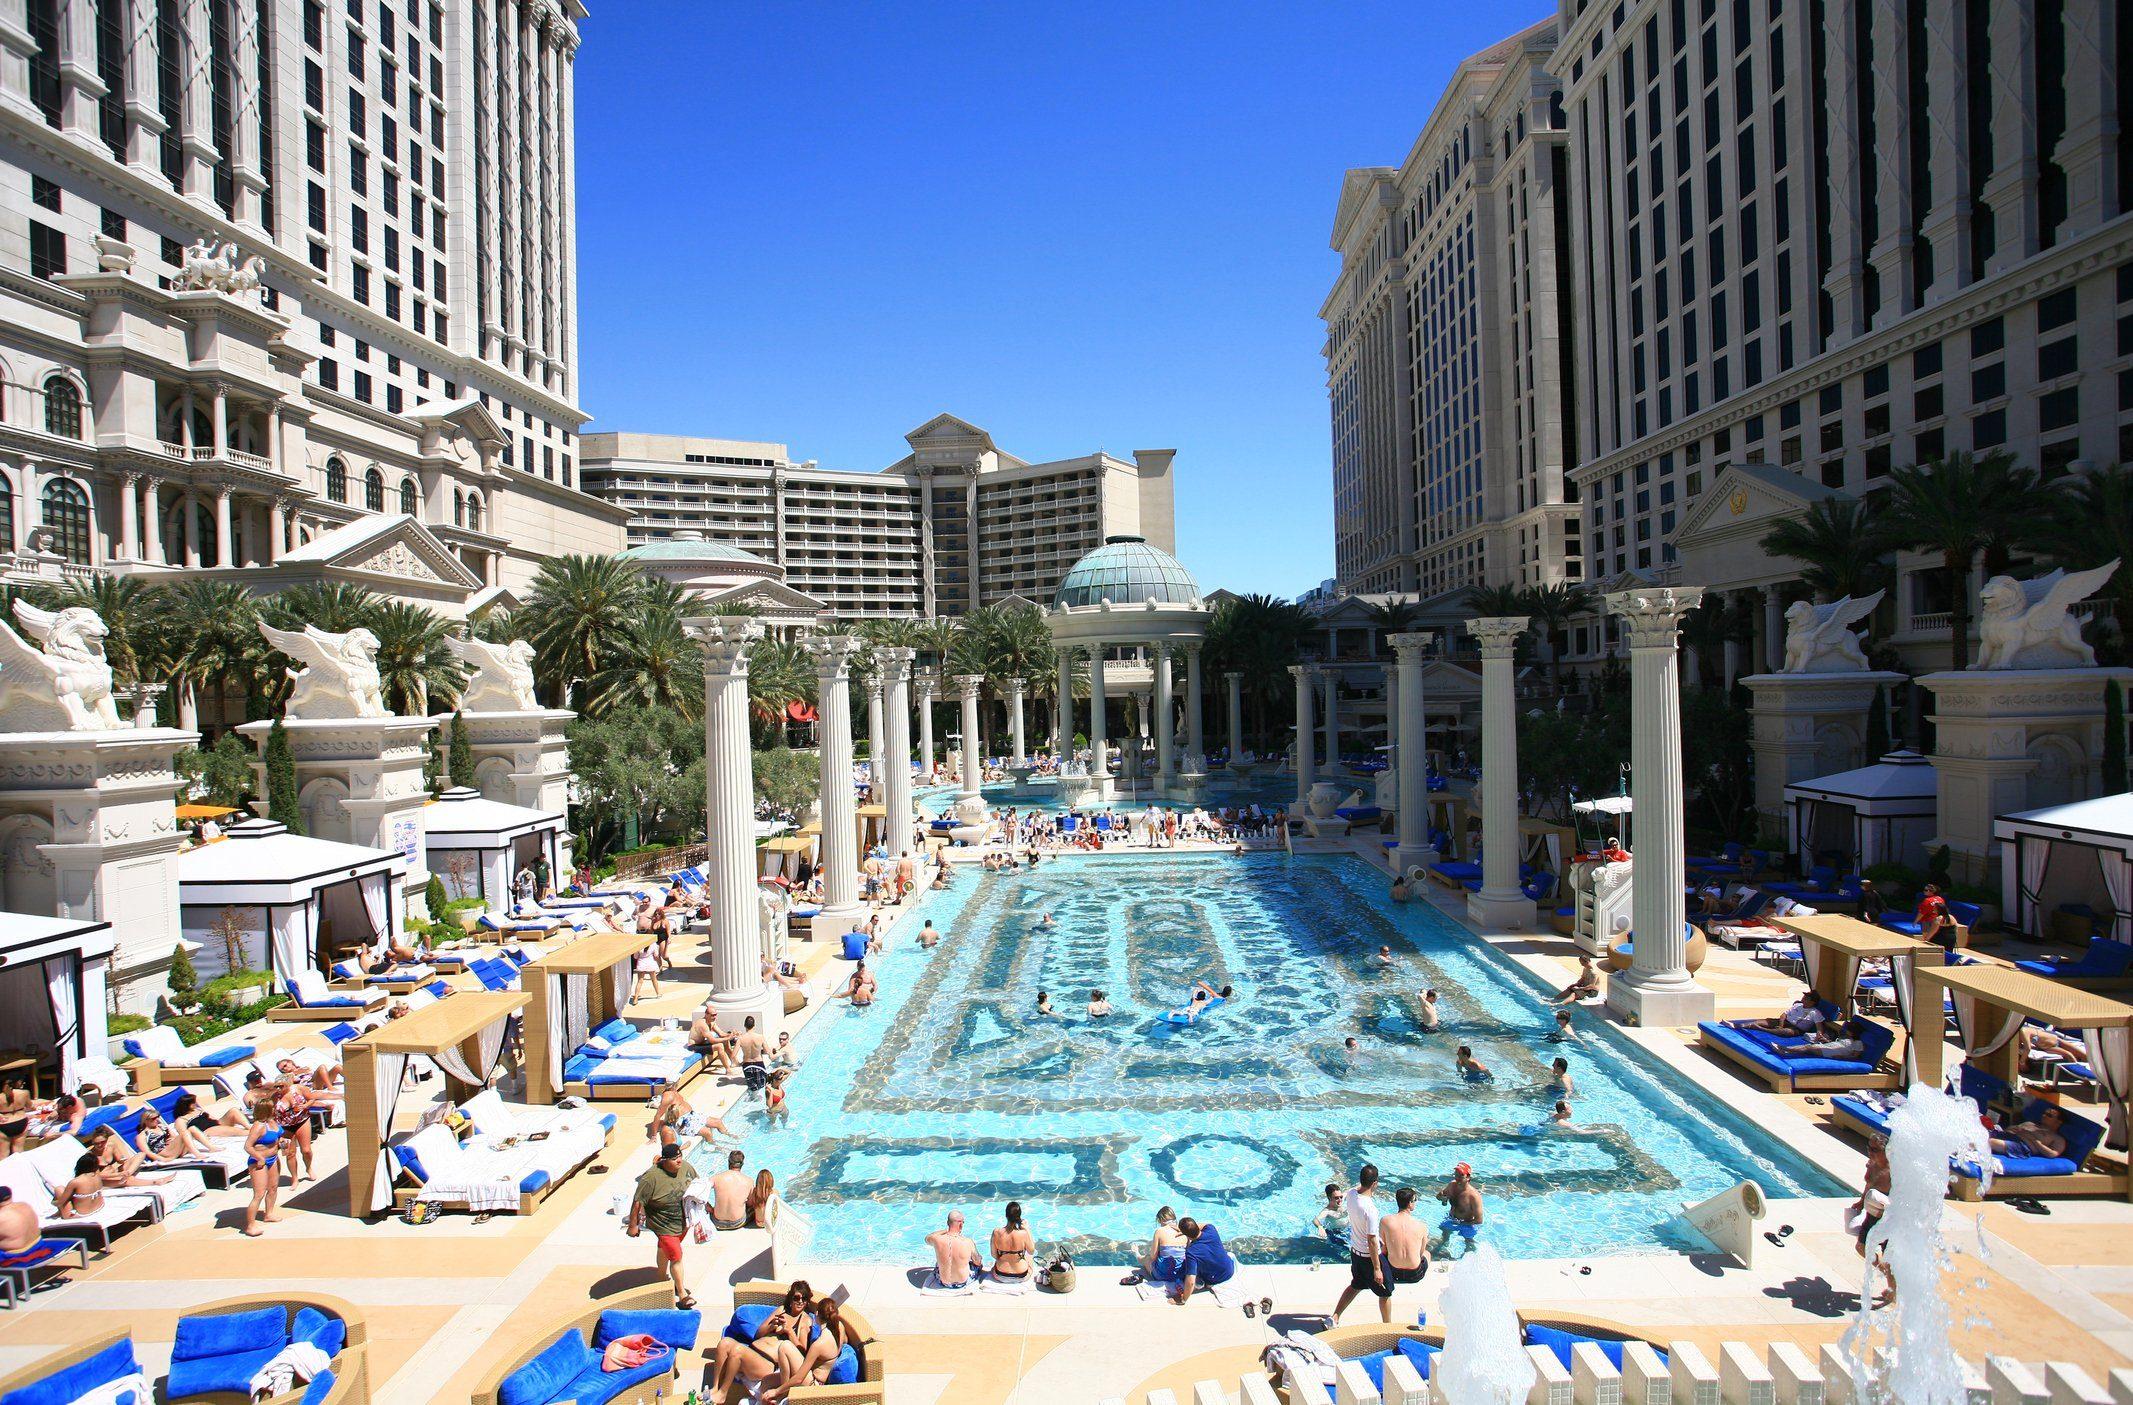 Las Vegas Pool Party